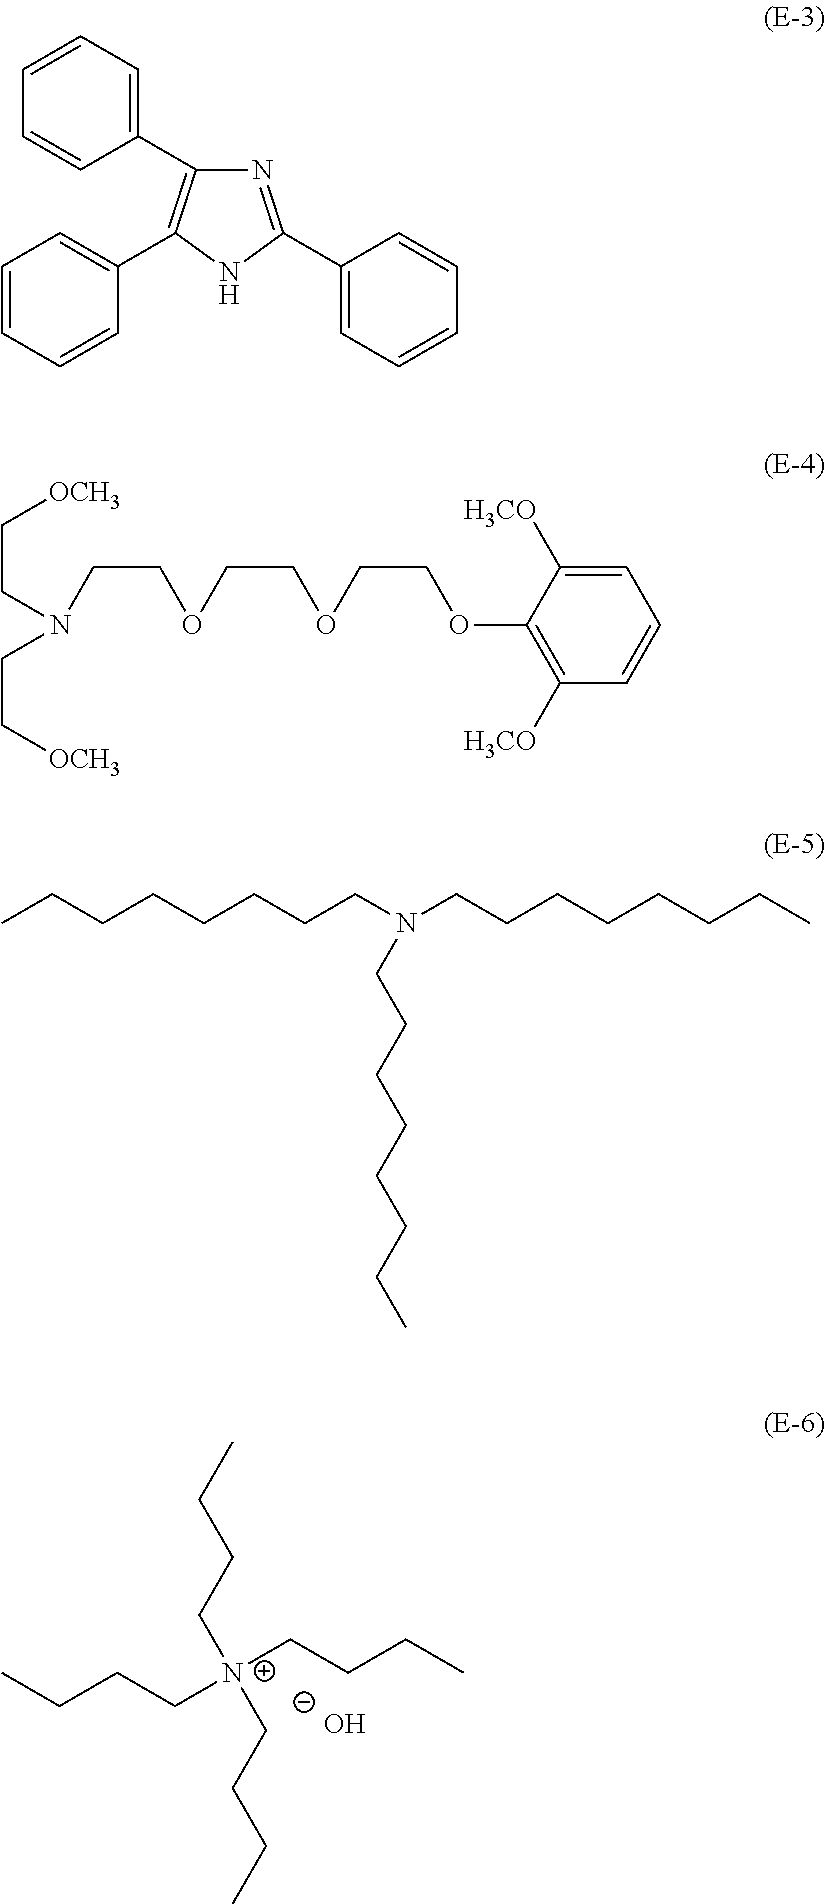 Figure US20110183258A1-20110728-C00293